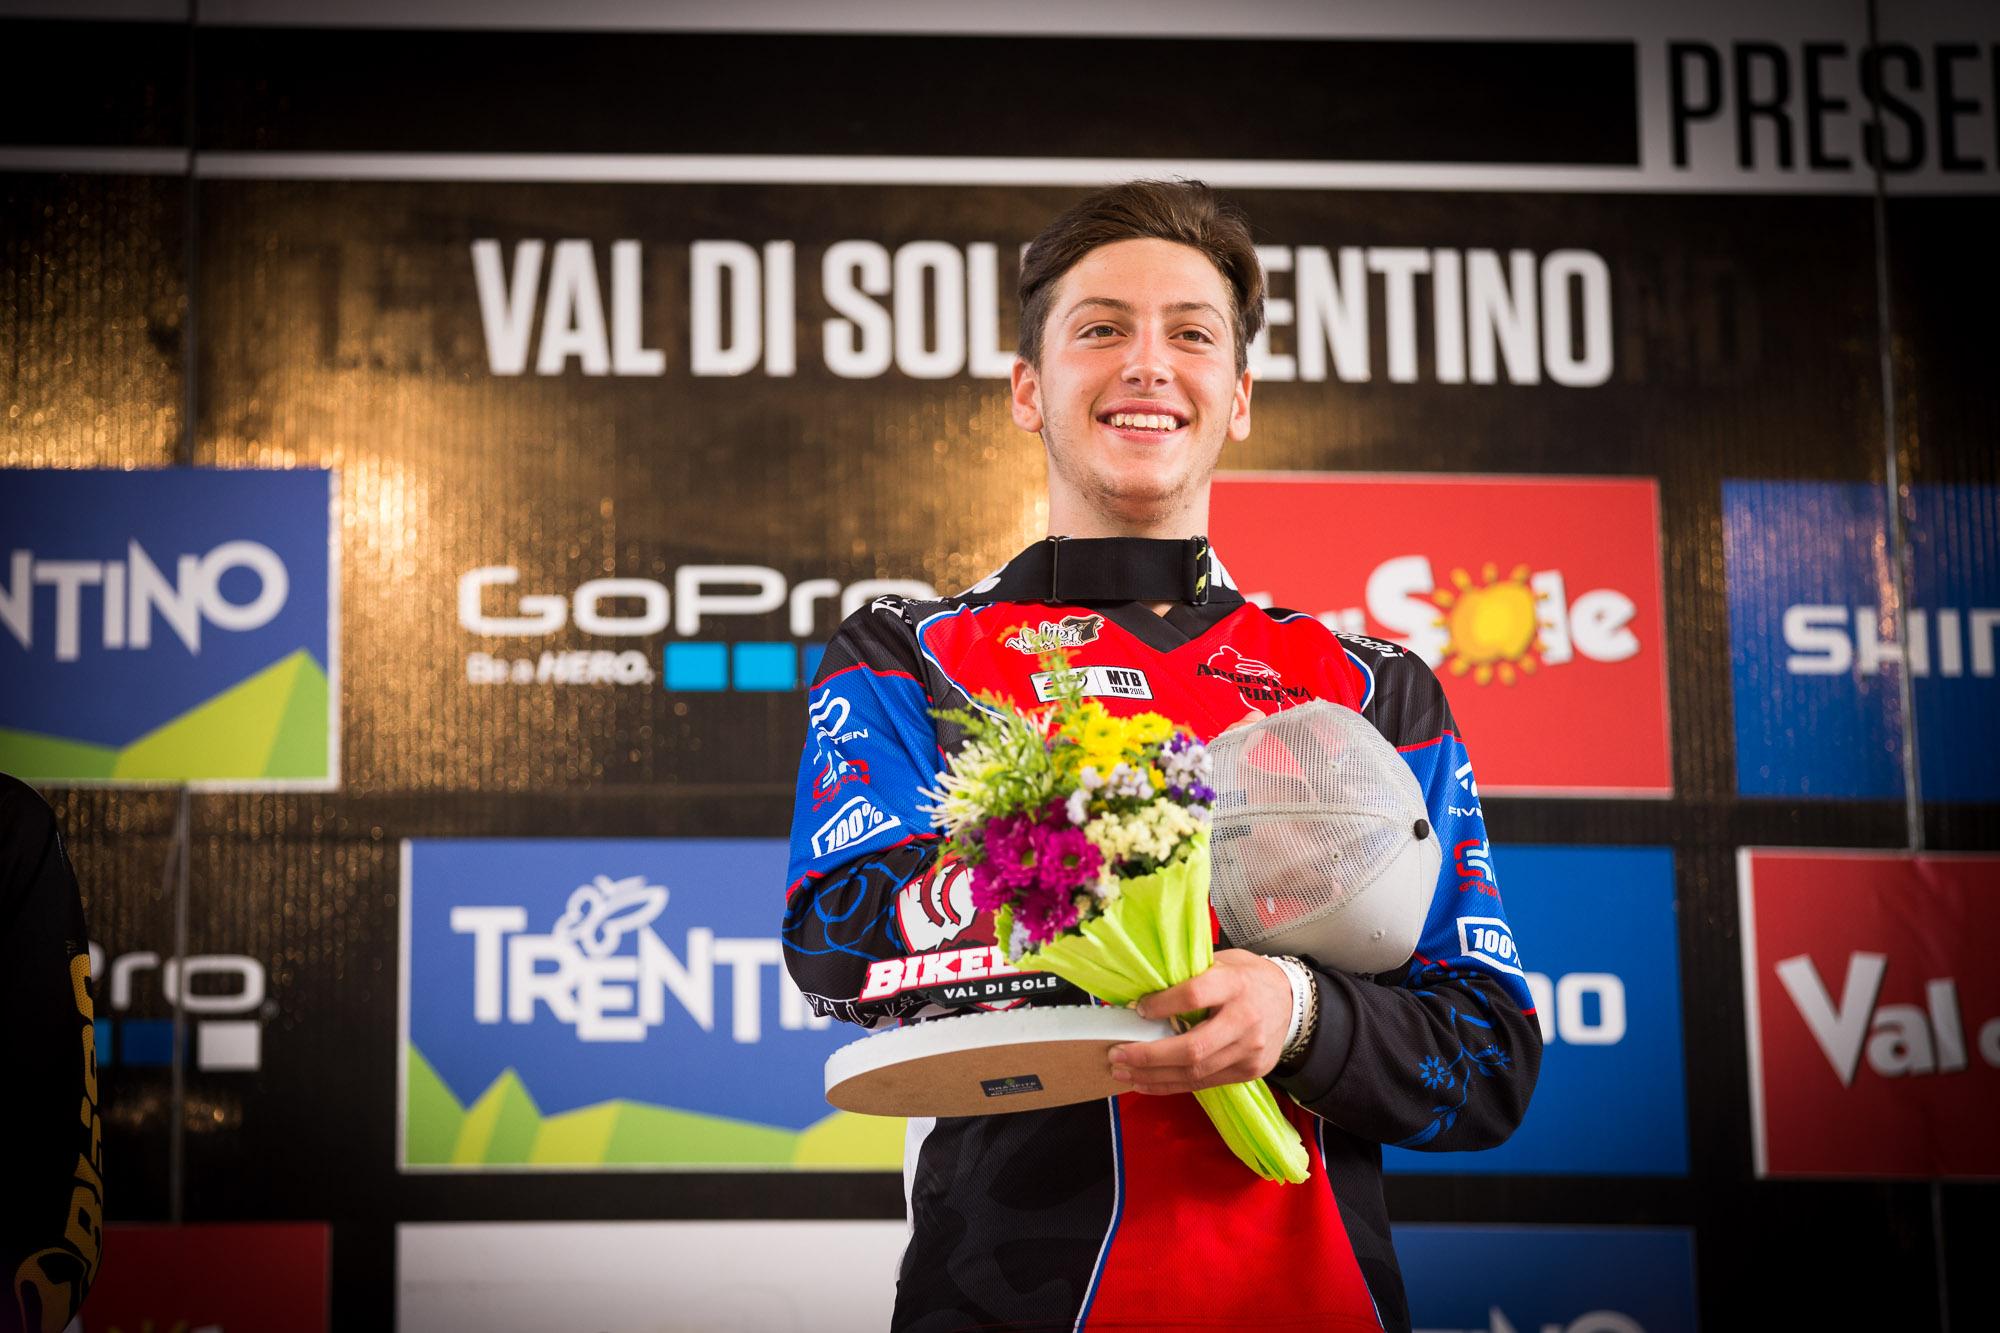 Fair play. Der italienische  Junior Loris Revelli konnte vor heimischem Publikum den Sieg in Val di Sole einfahren. Frenetischer Jubel bei der Siegerehrung!  Foto: Seb Schieck